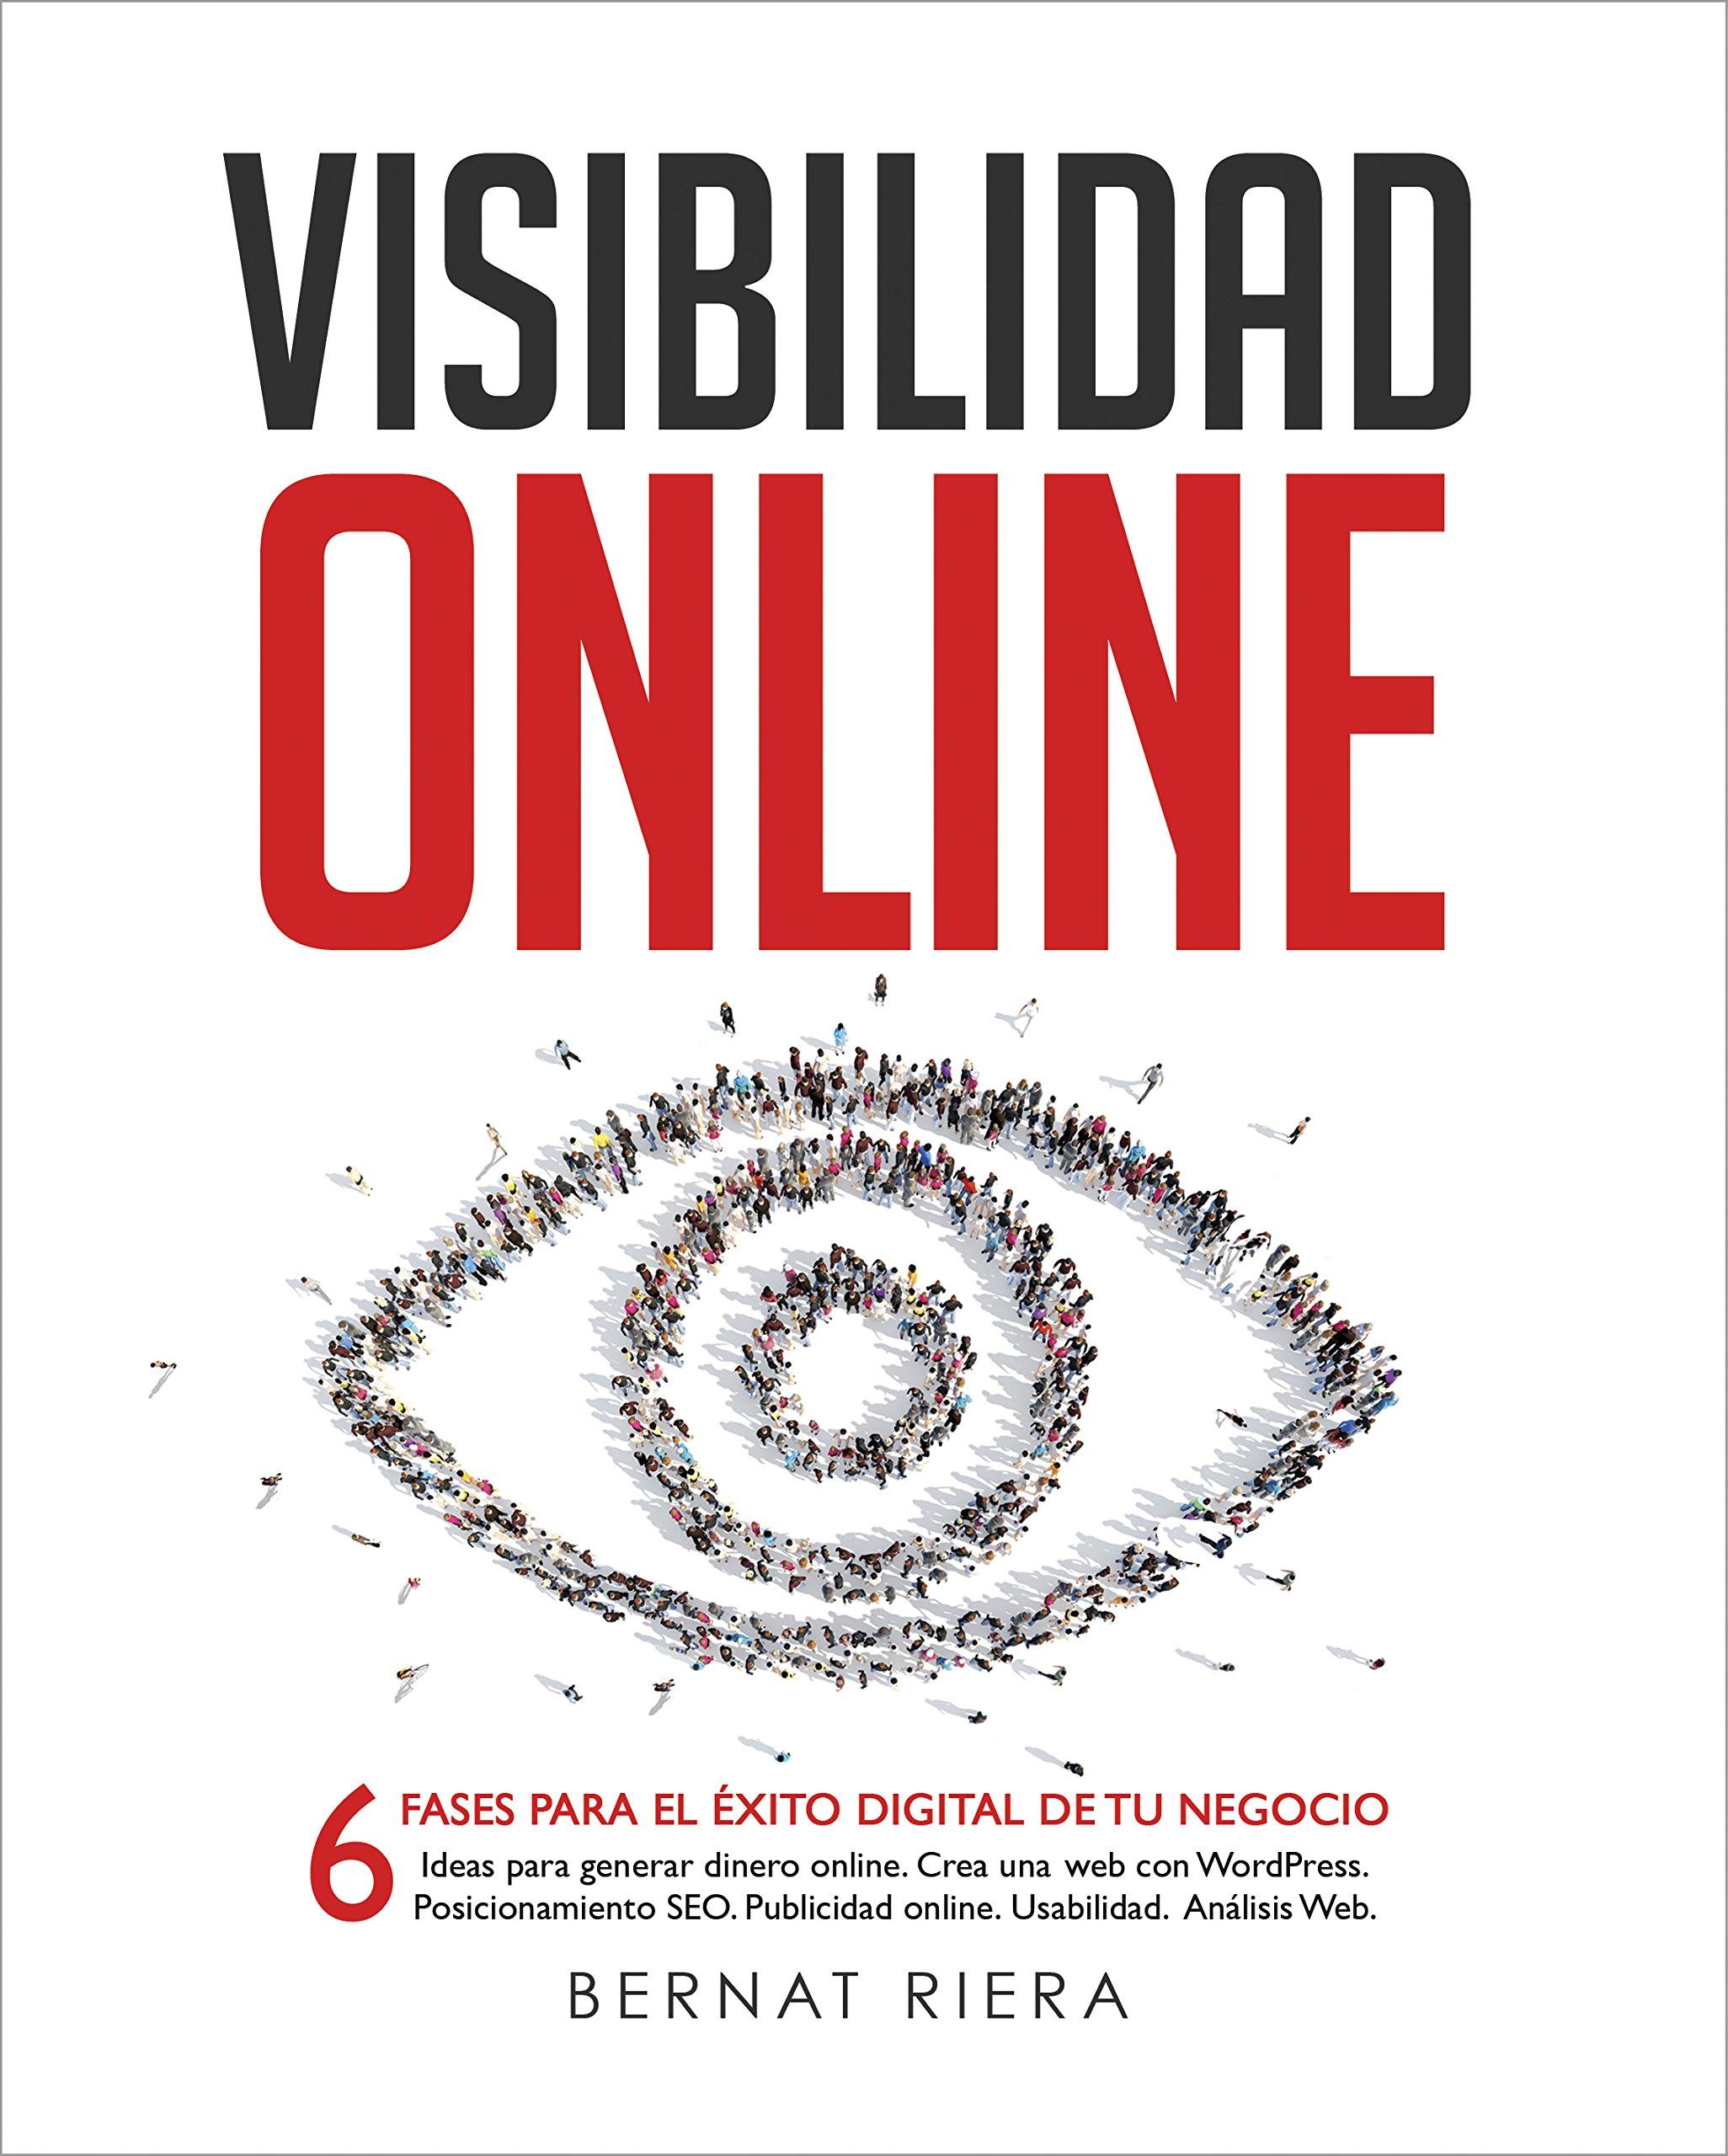 Visibilidad Online - Marketing Digital 2019 - Crear Web con WordPress, Posicionamiento SEO, Google Analytics, Publicidad Online, Facebook y Usabilidad: ... para Empresas y Emprendedores en 2019